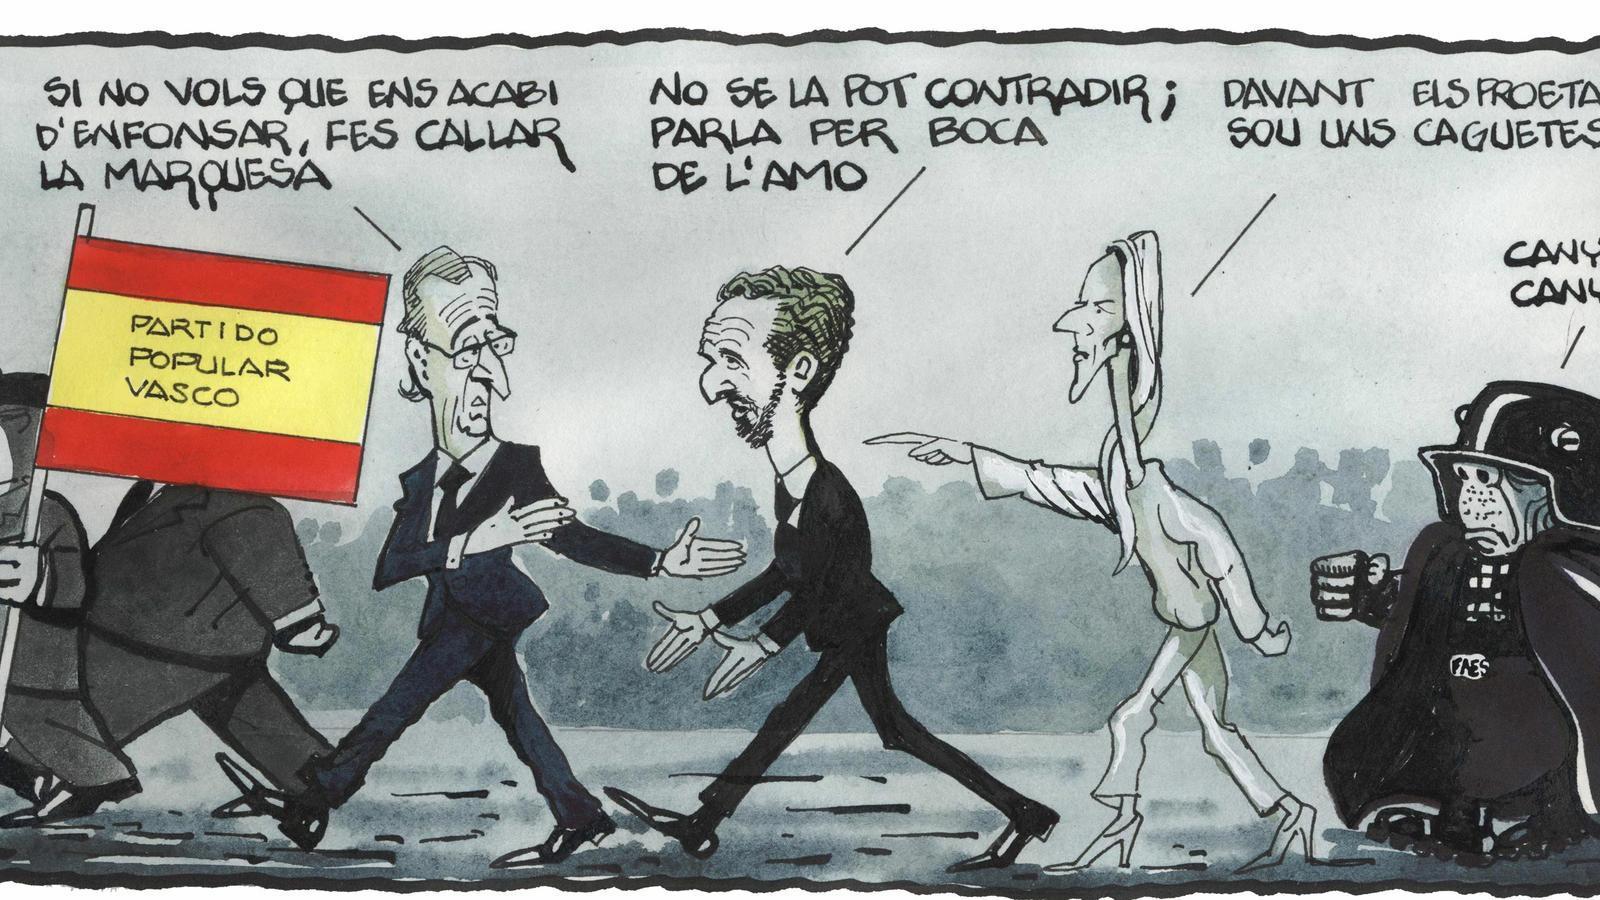 'A la contra', per Ferreres (20/09/2019)